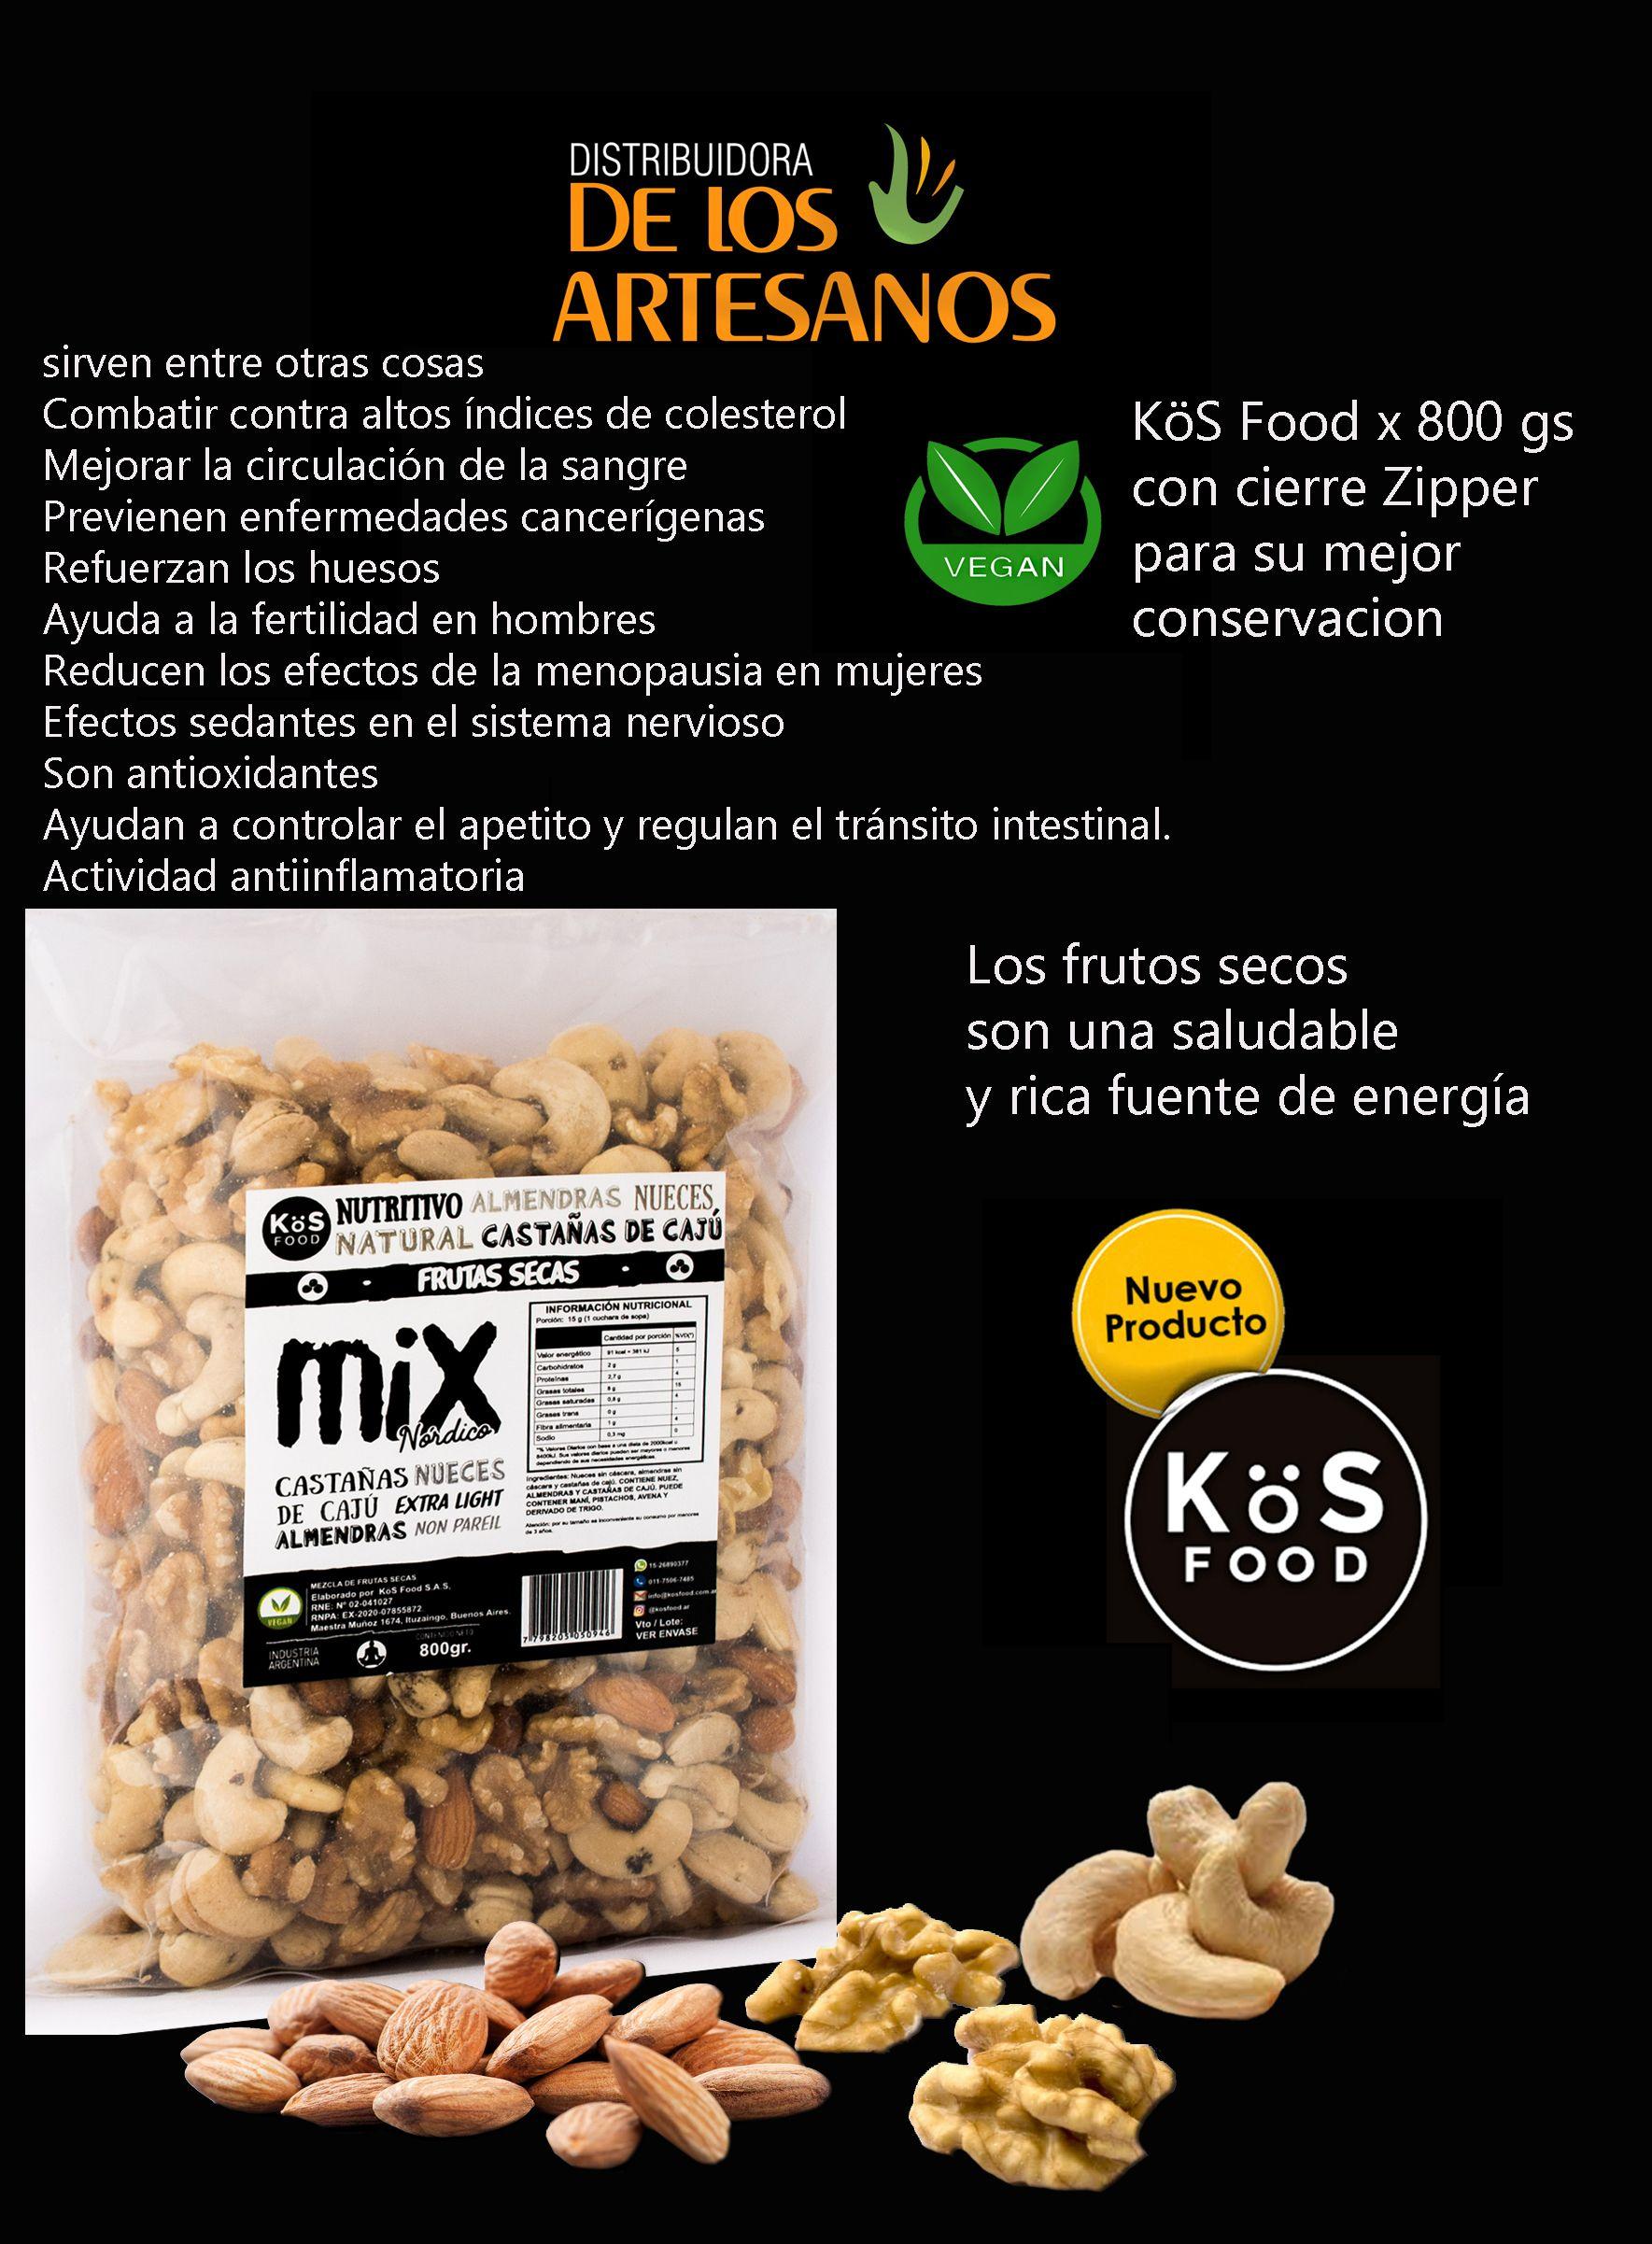 Frutas Secas Saludable Veganas Kös Food Distribuidora De Los Artesanos Al Mayoreo Fruta Seca Artesanos Veganos